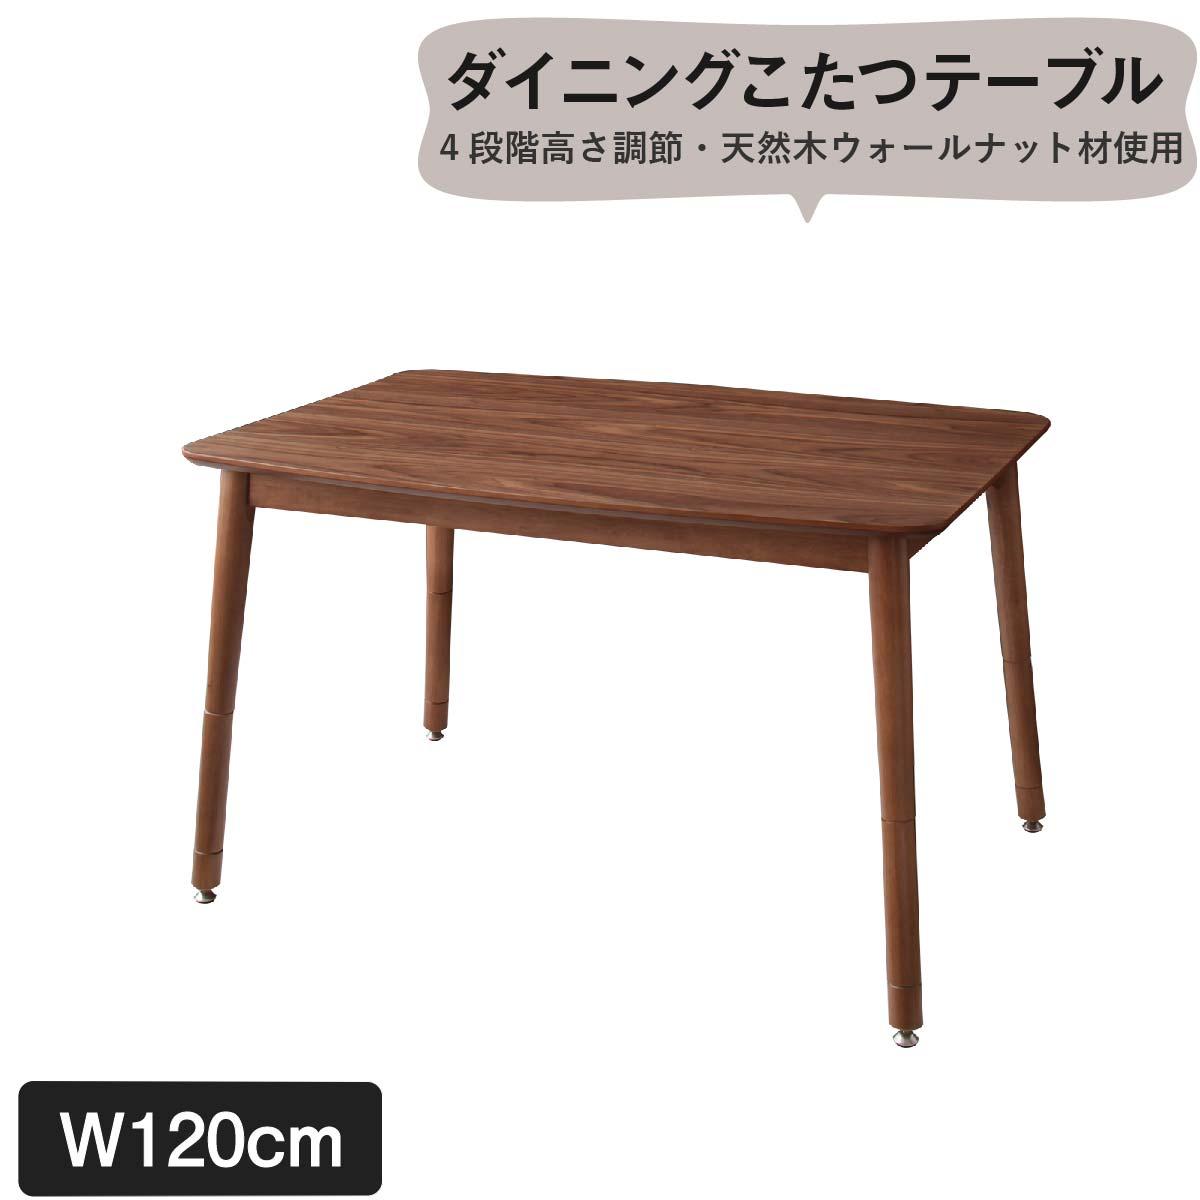 【送料無料】 こたつもソファも高さ調節できるリビングダイニングセット ダイニングテーブル W120